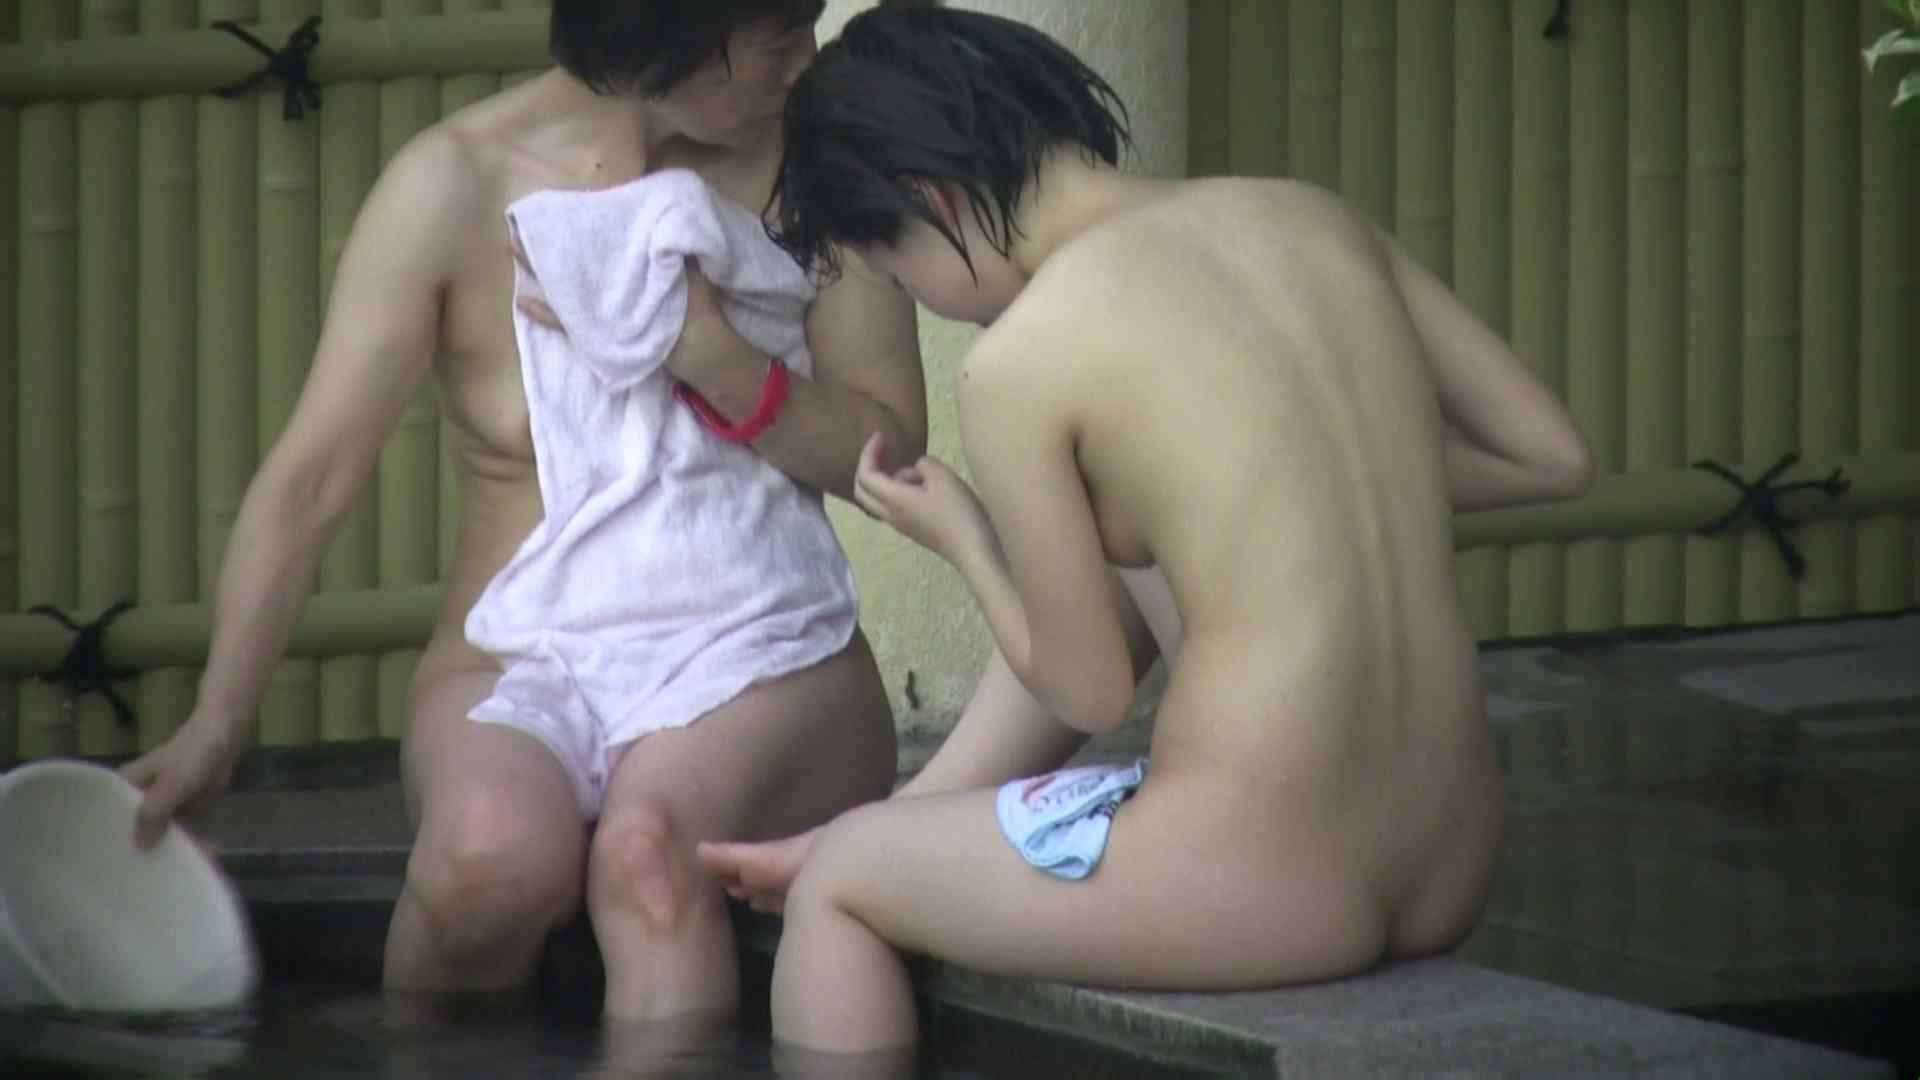 Aquaな露天風呂Vol.06【VIP】 盗撮 | 露天  83画像 49